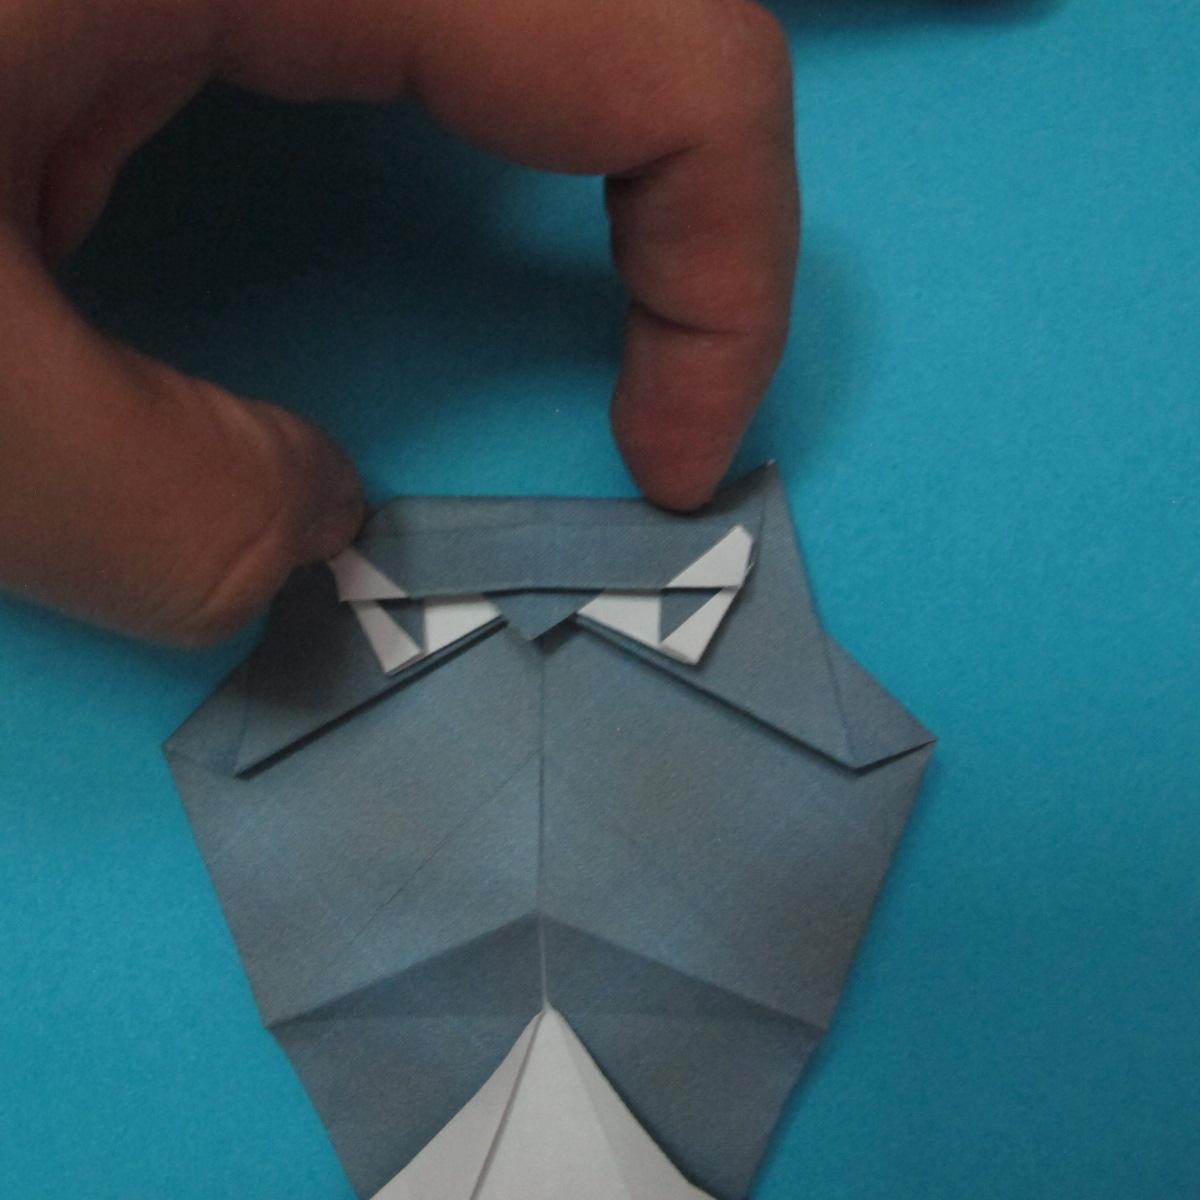 วิธีการพับกระดาษเป็นรูปนกเค้าแมว 029